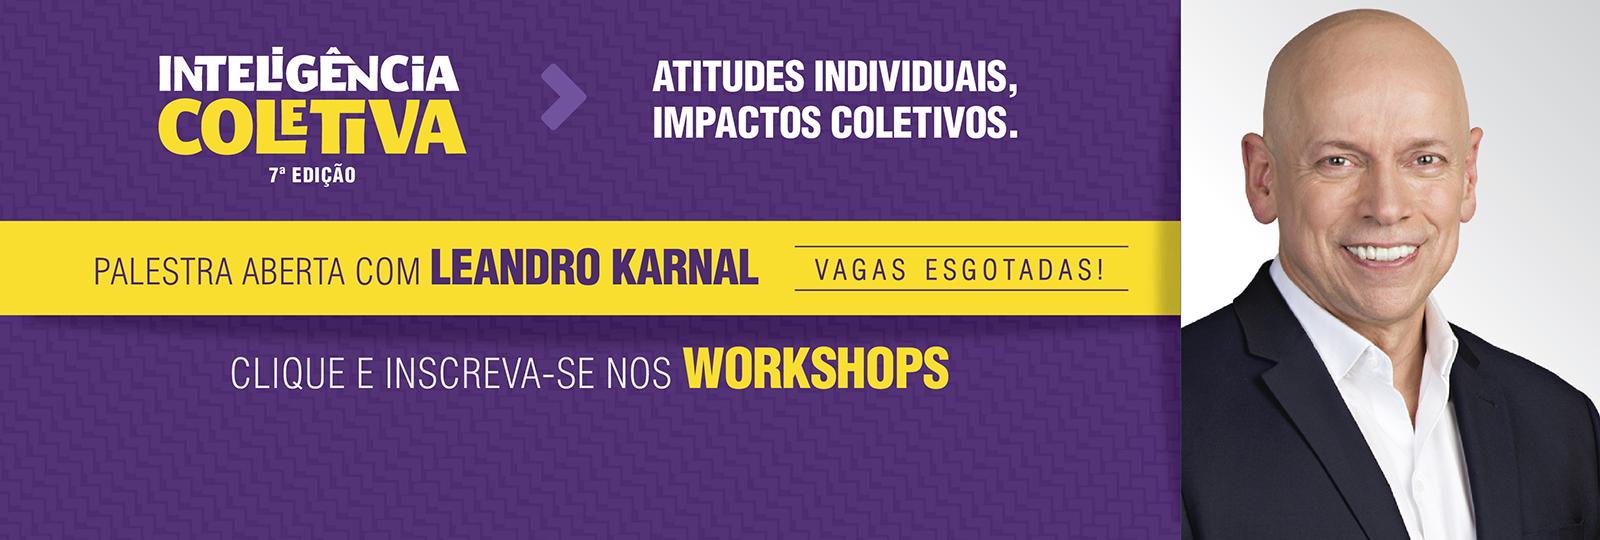 1327:Informações sobre os workshops